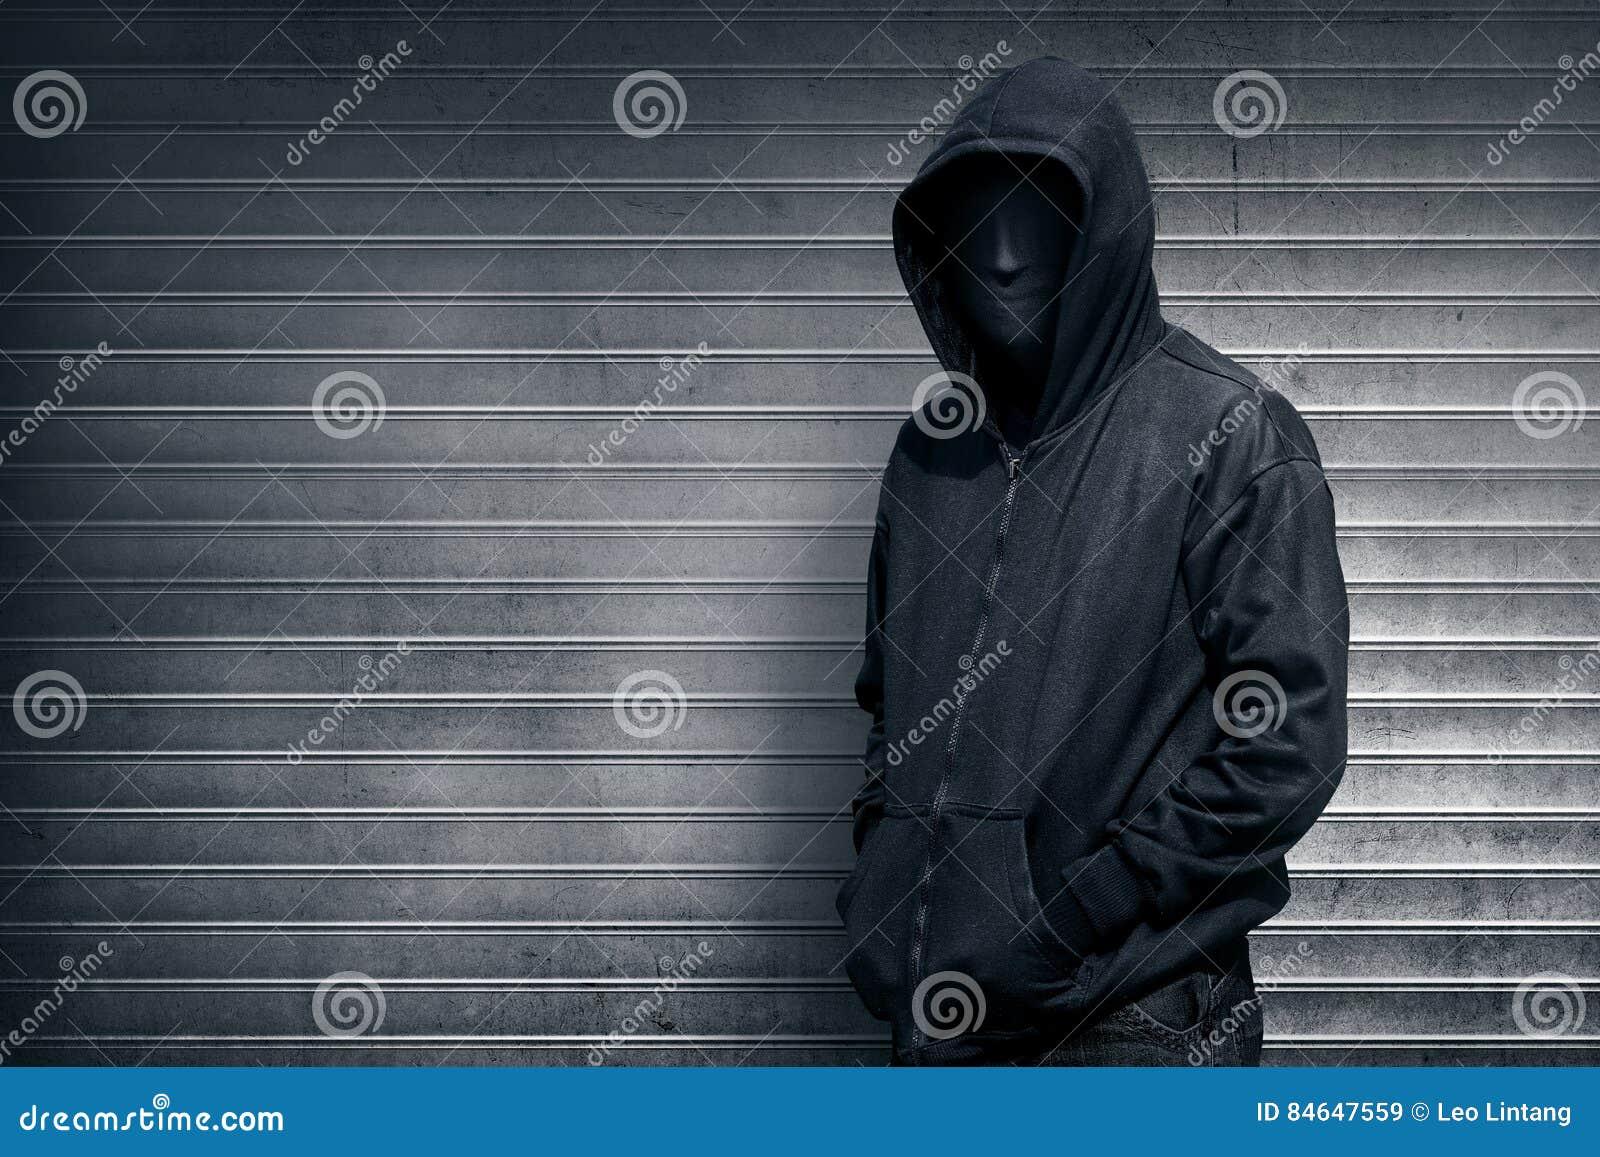 Ανώνυμο άτομο στην γκρίζα πόρτα παραθυρόφυλλων